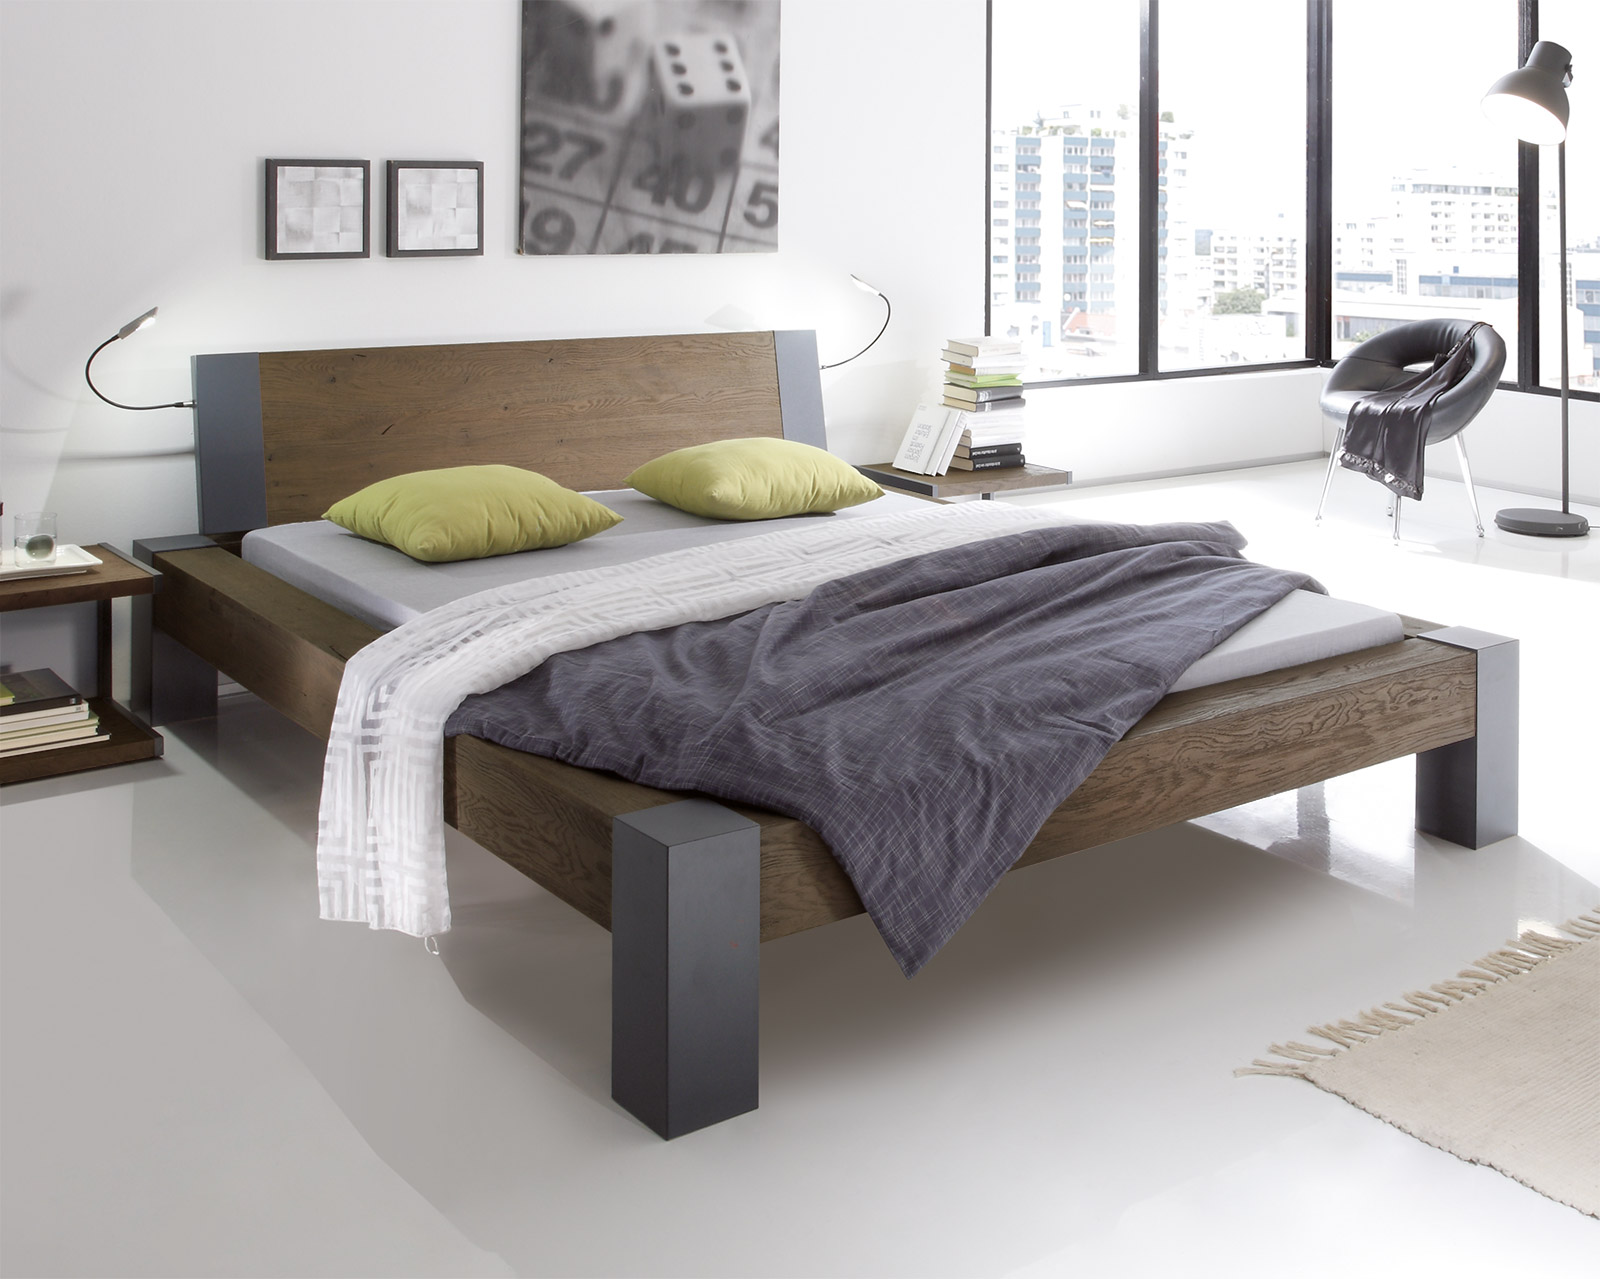 Bett Aus Wildeiche In Z B 160x200 Cm Serio Betten De